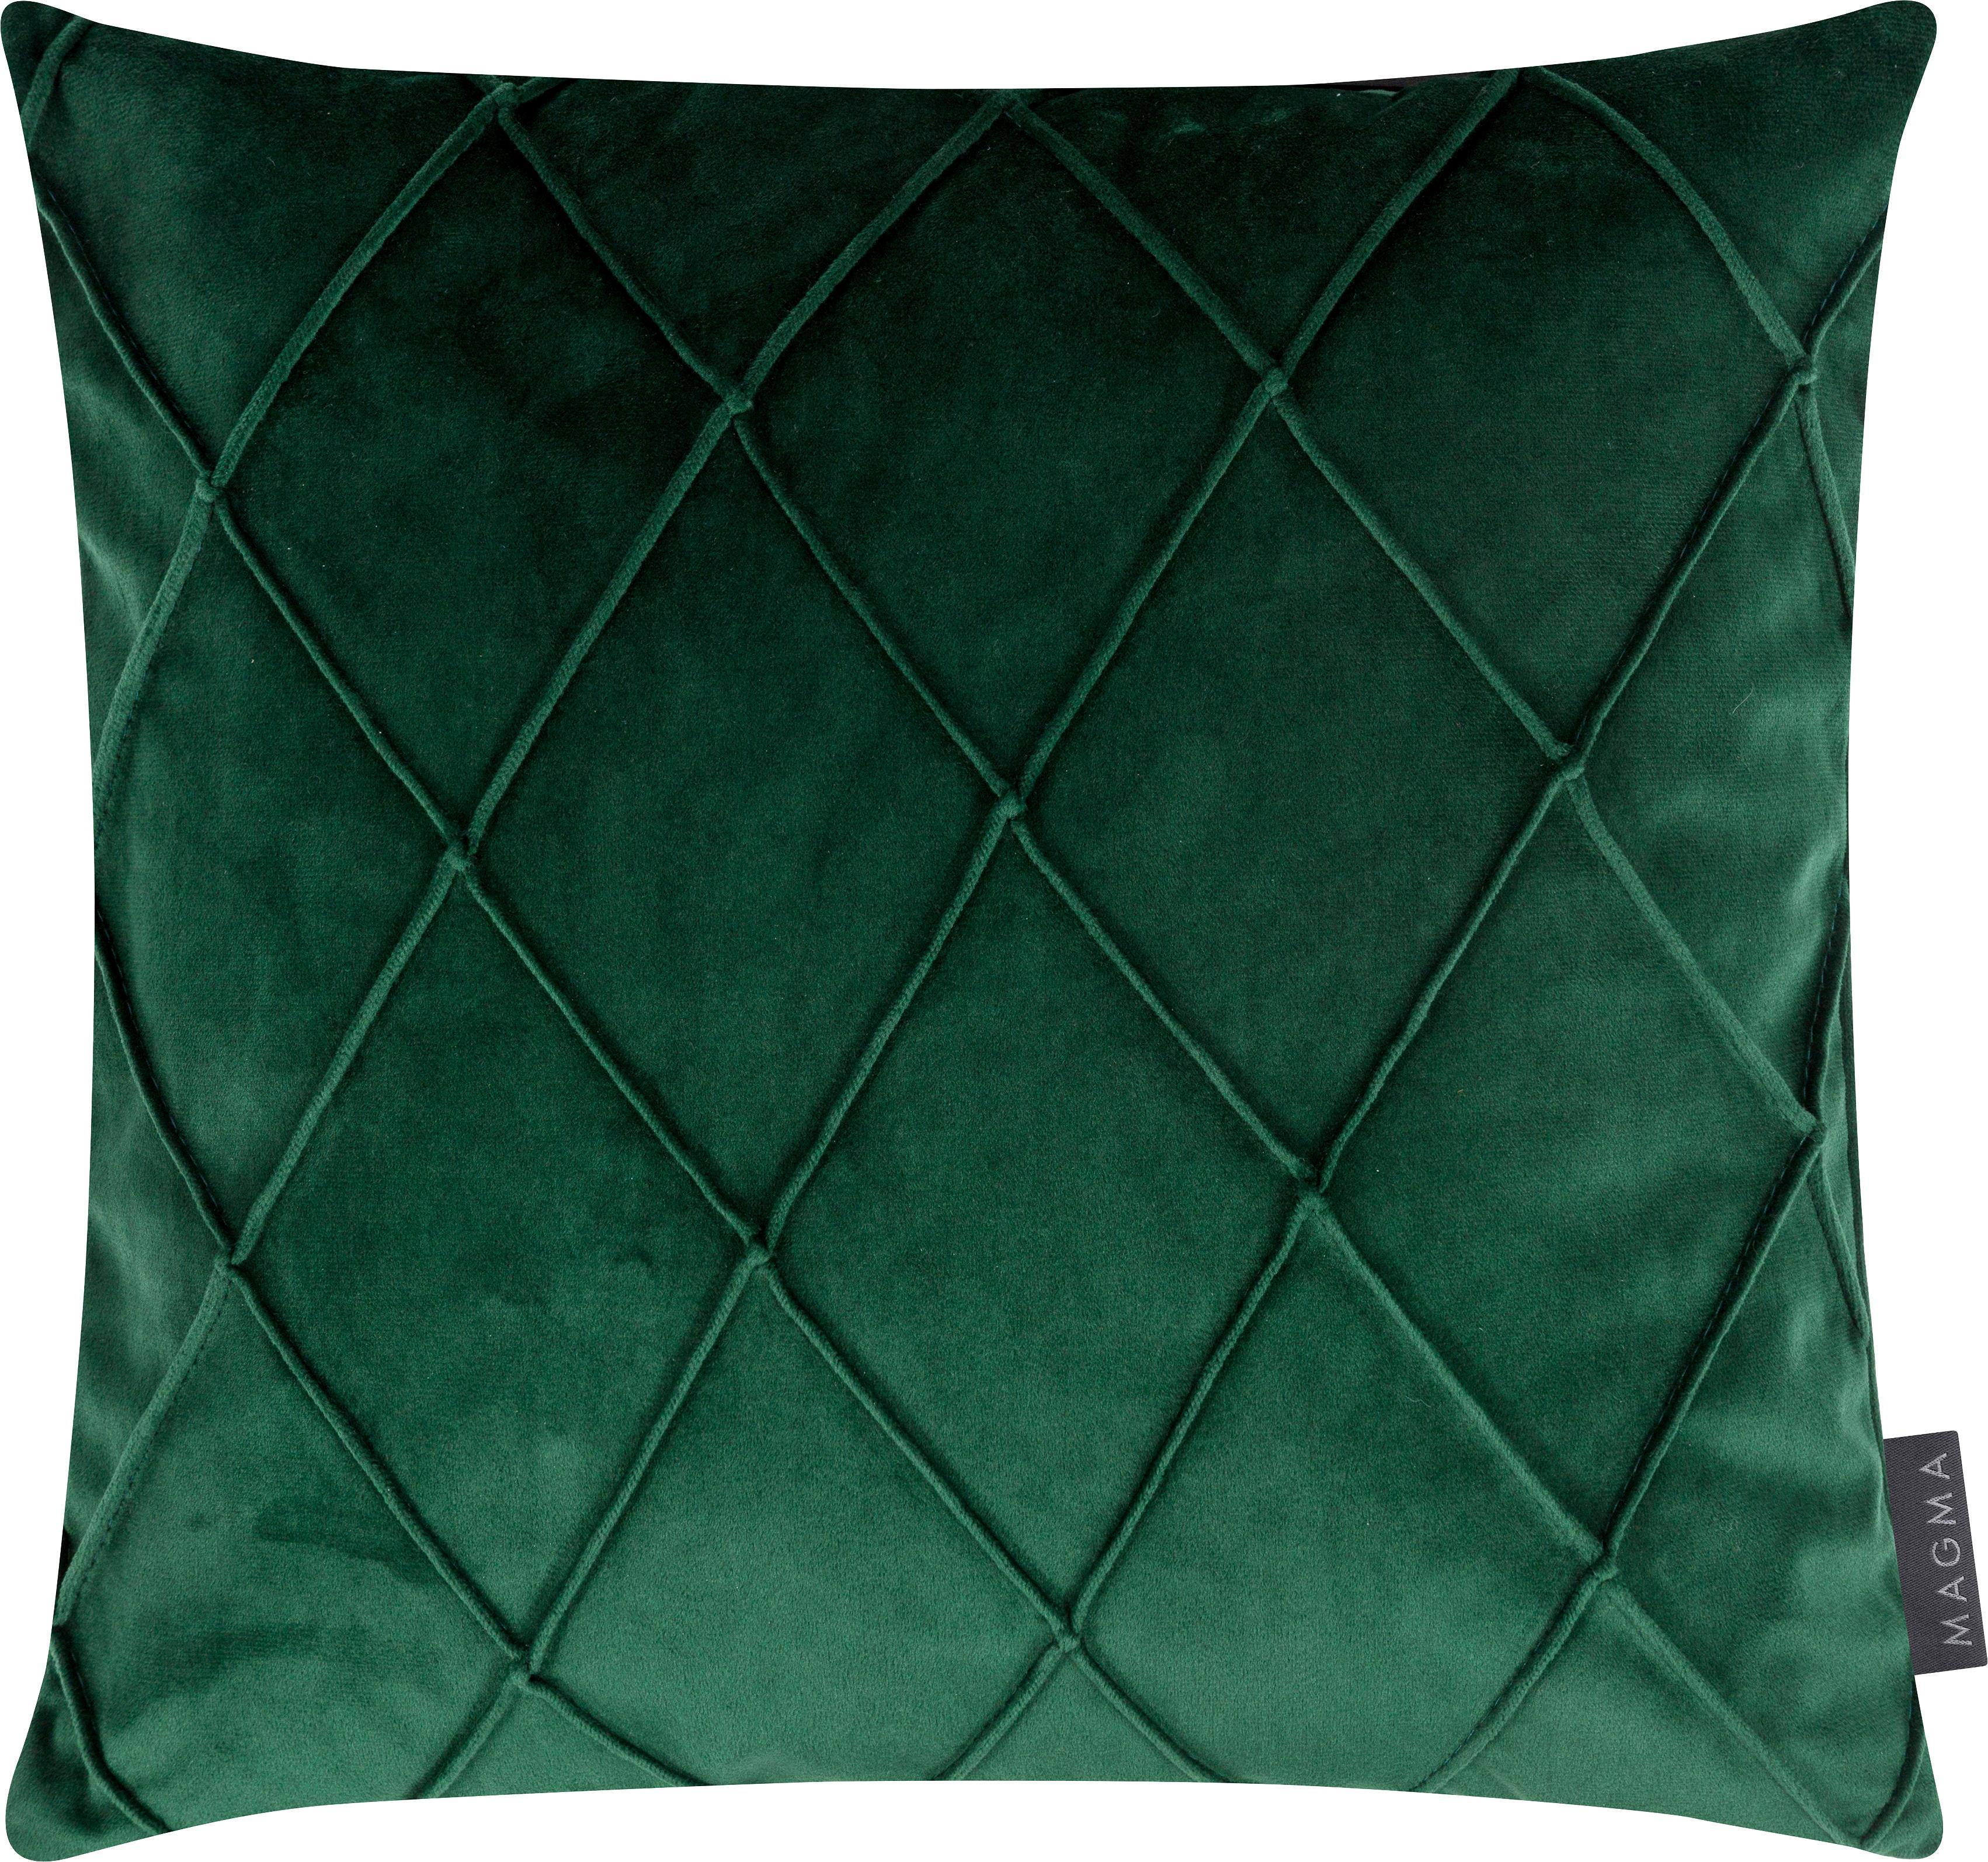 Samt-Kissenhülle Nobless mit erhabenem Rautenmuster, 100% Polyestersamt, Grün, 40 x 40 cm